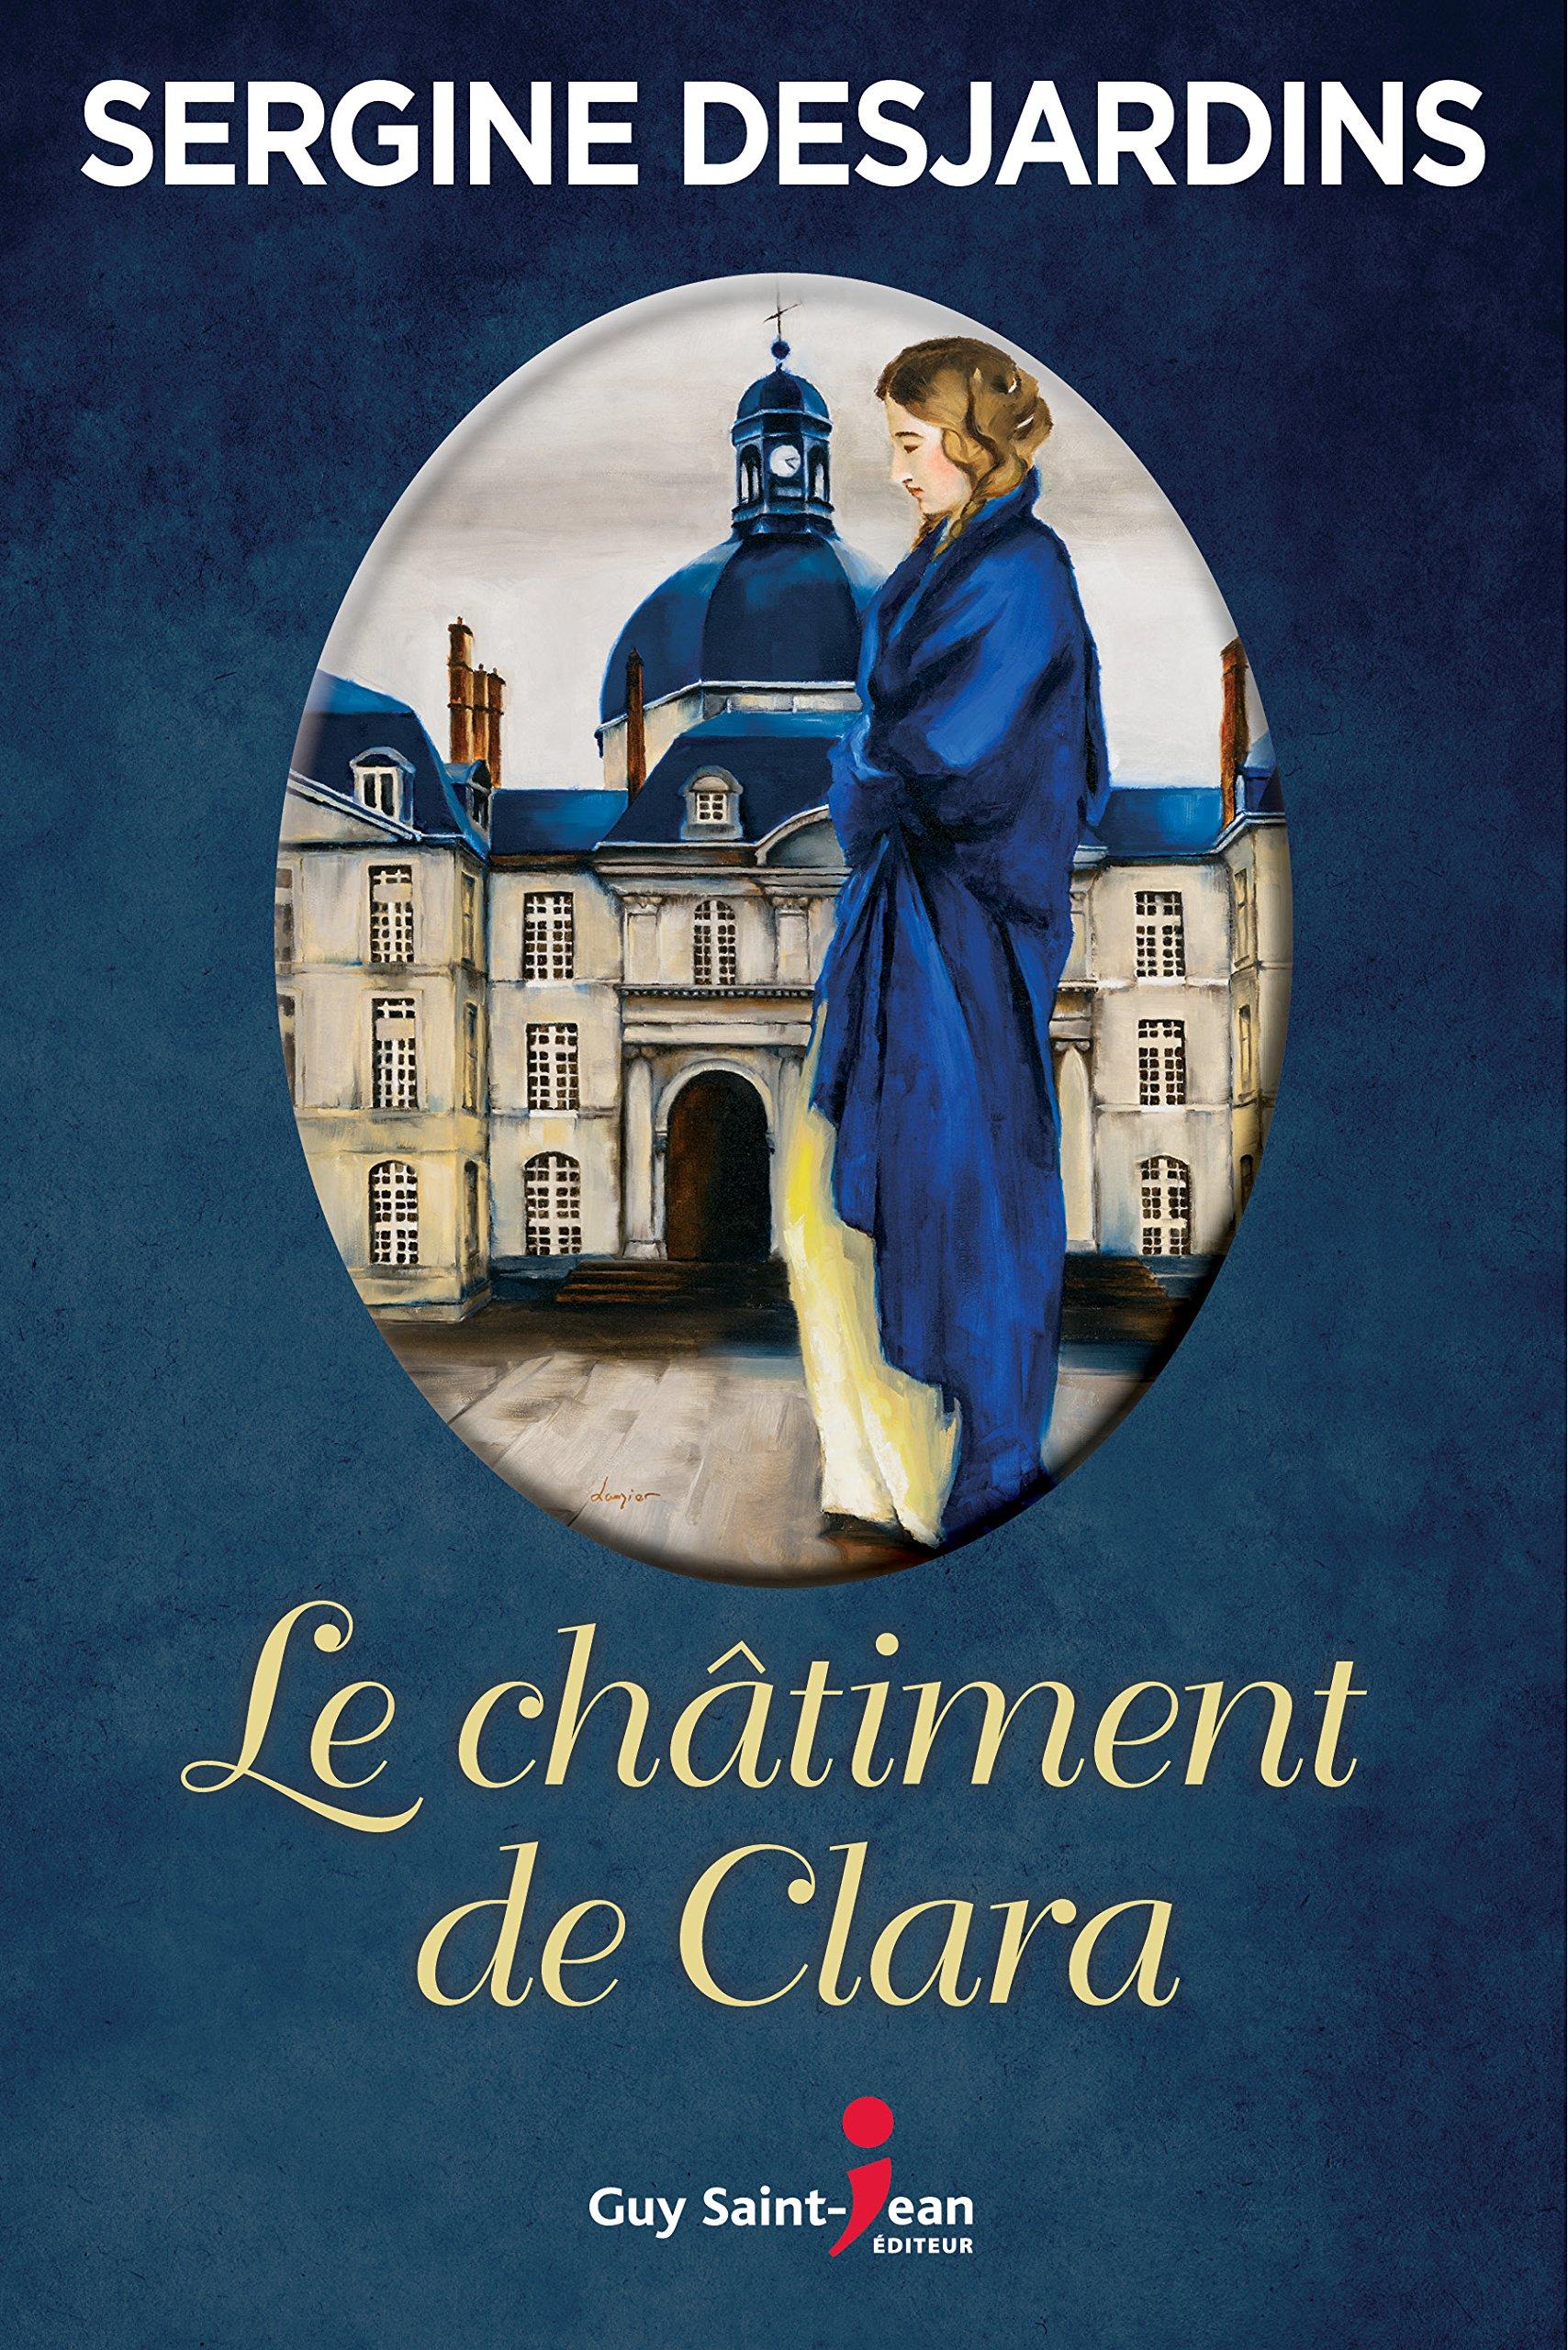 Le châtiment de Clara - Sergine Desjardins